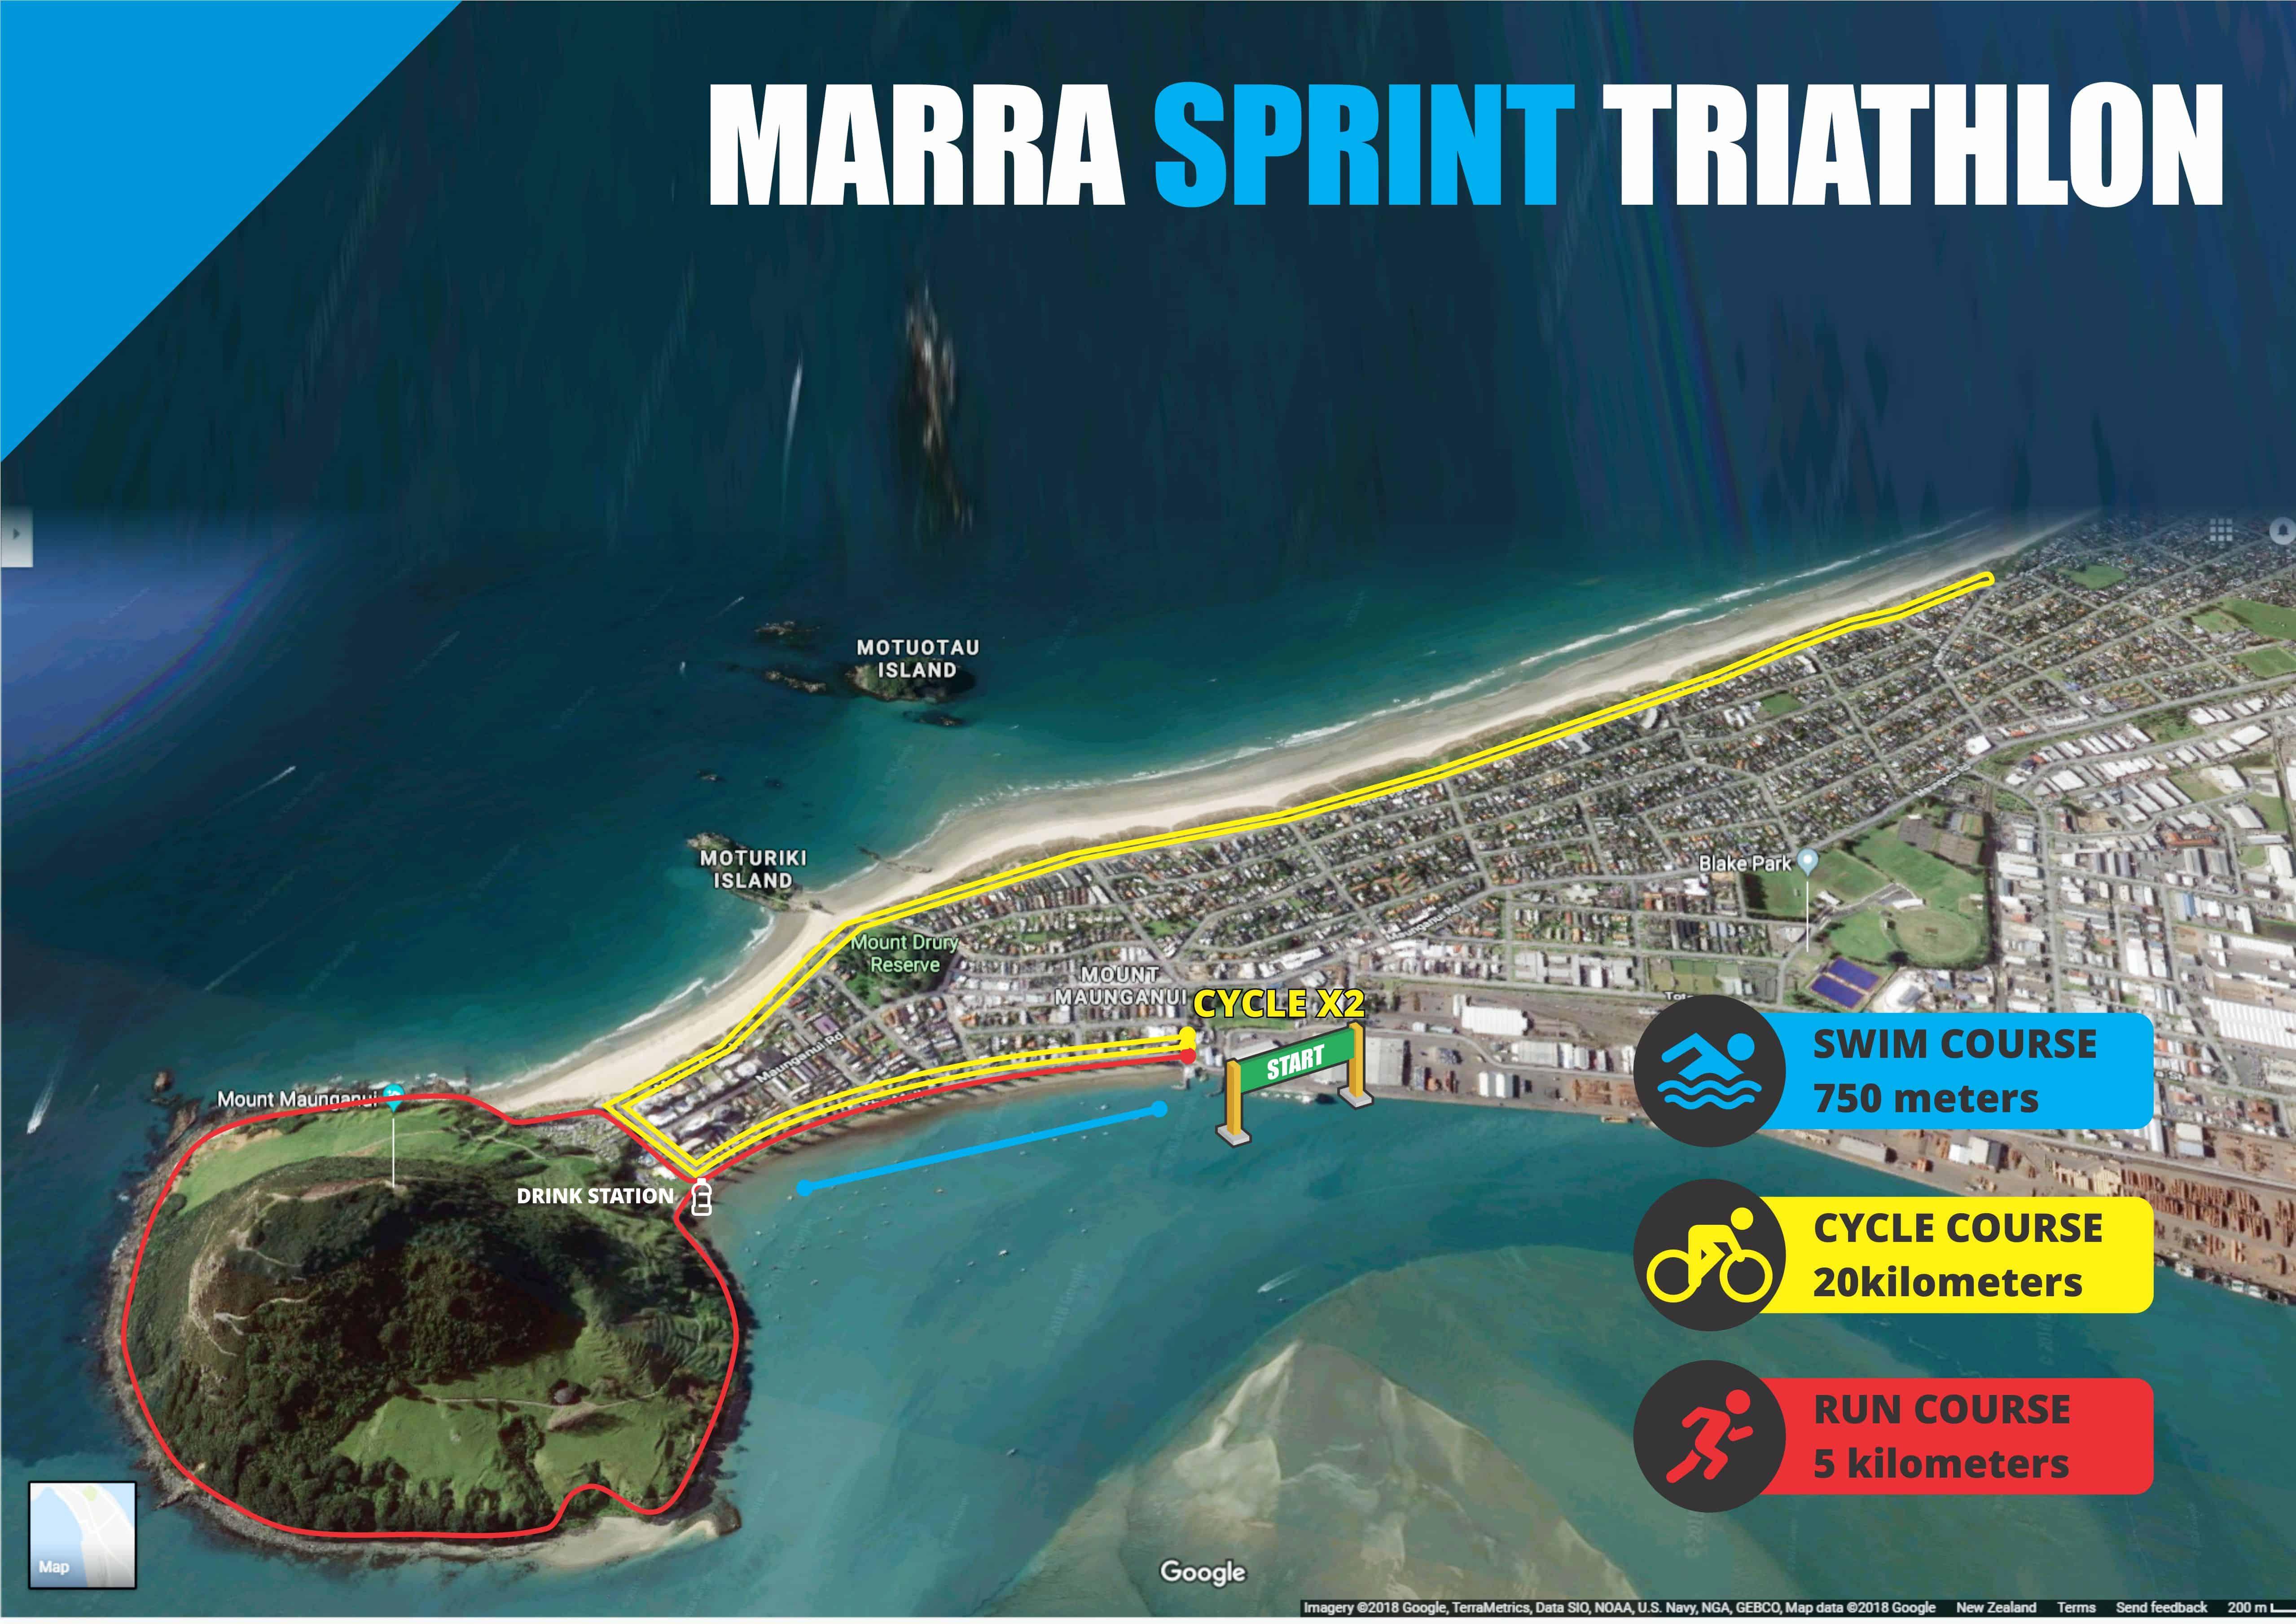 Marra – Welcome to Triathlon Tauranga